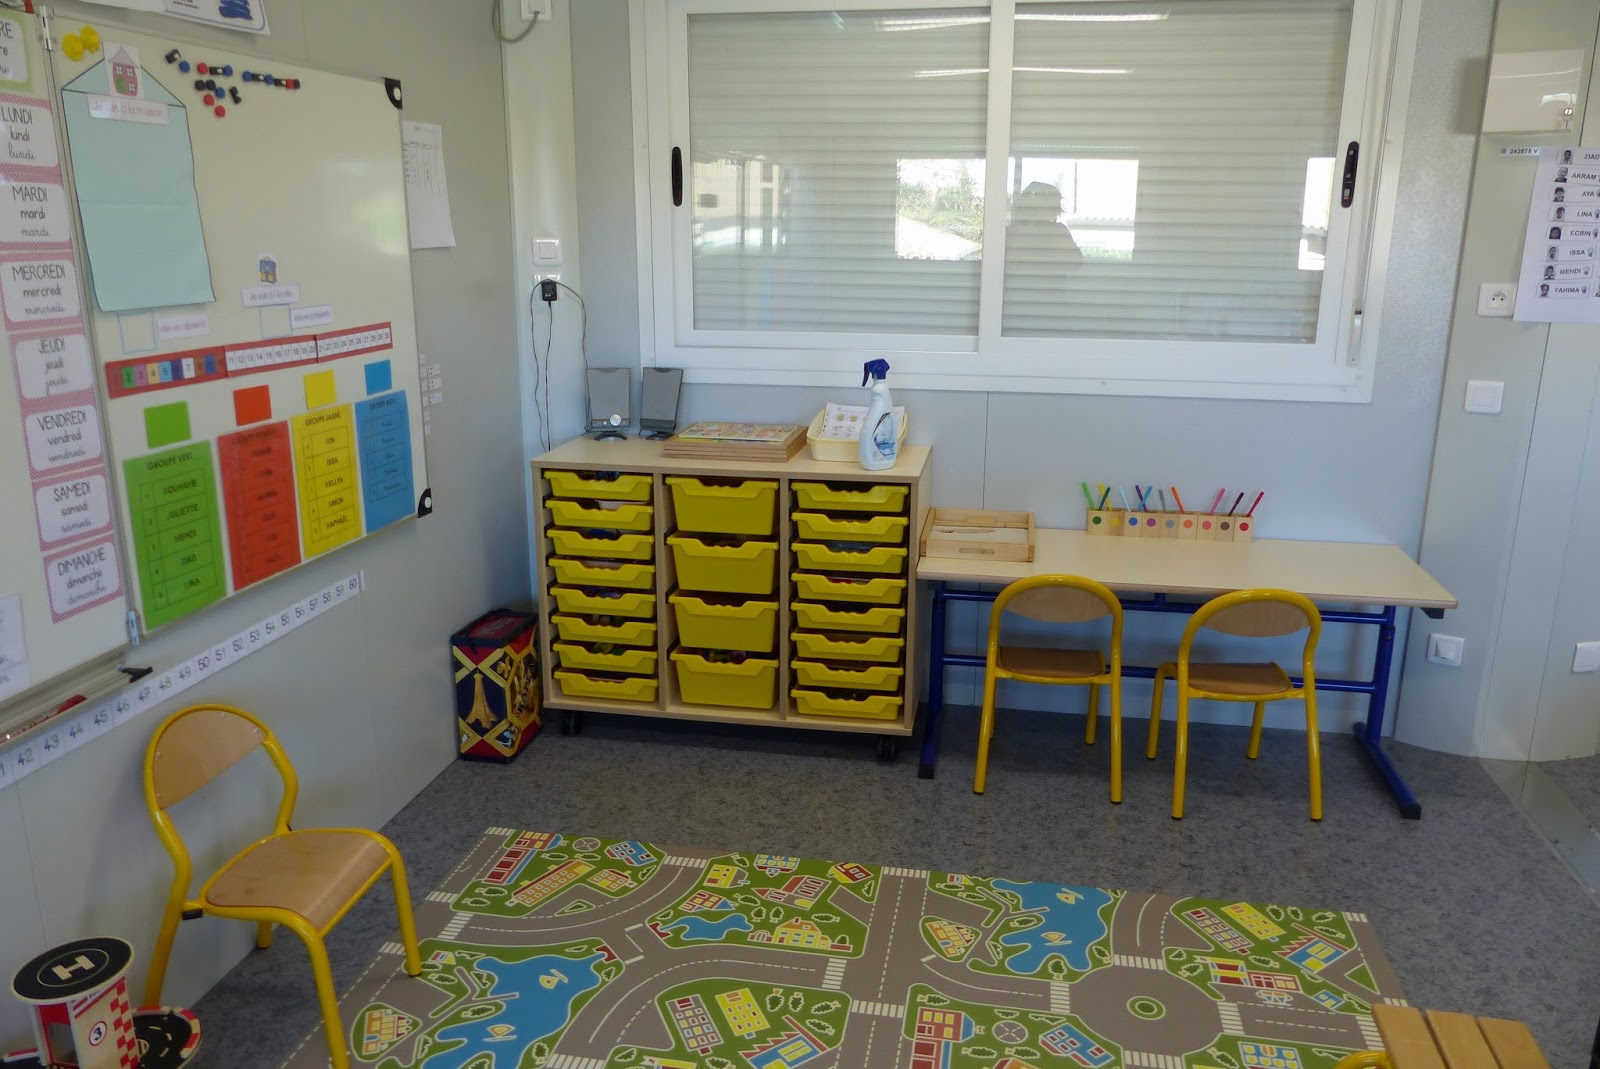 Ma petite maternelle nouvel am nagement de la classe - Amenagement classe maternelle ...